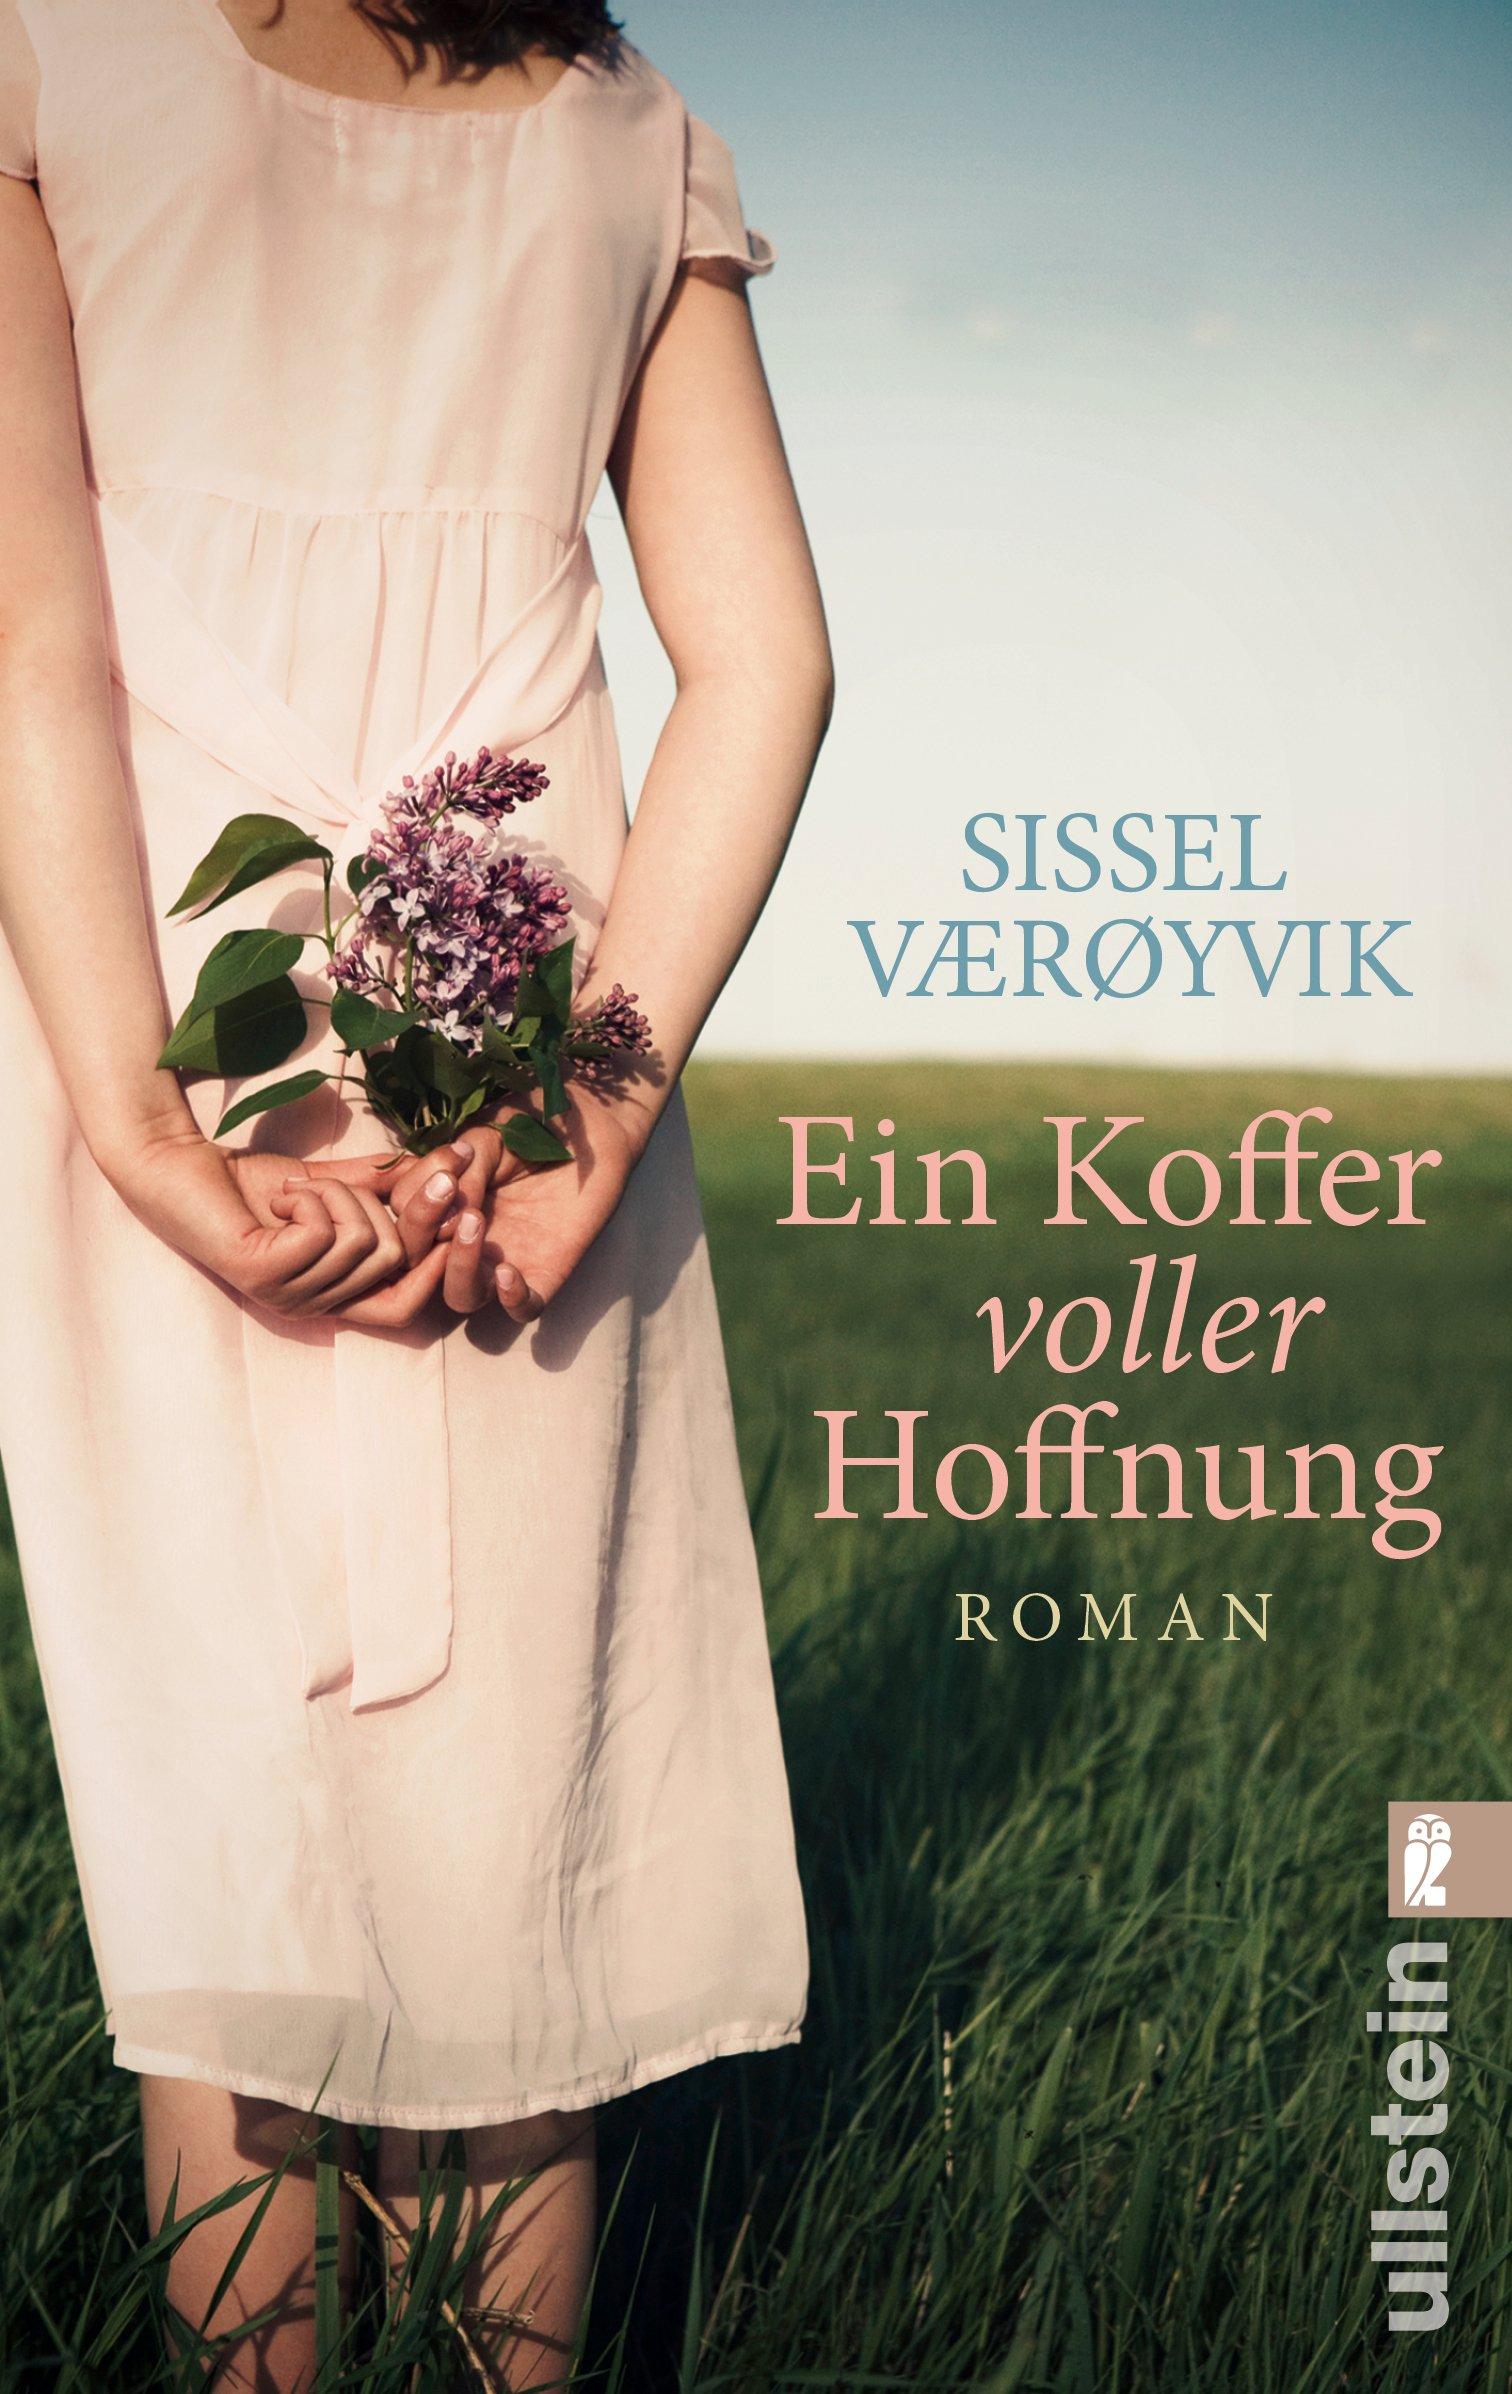 Ein Koffer voller Hoffnung: Roman